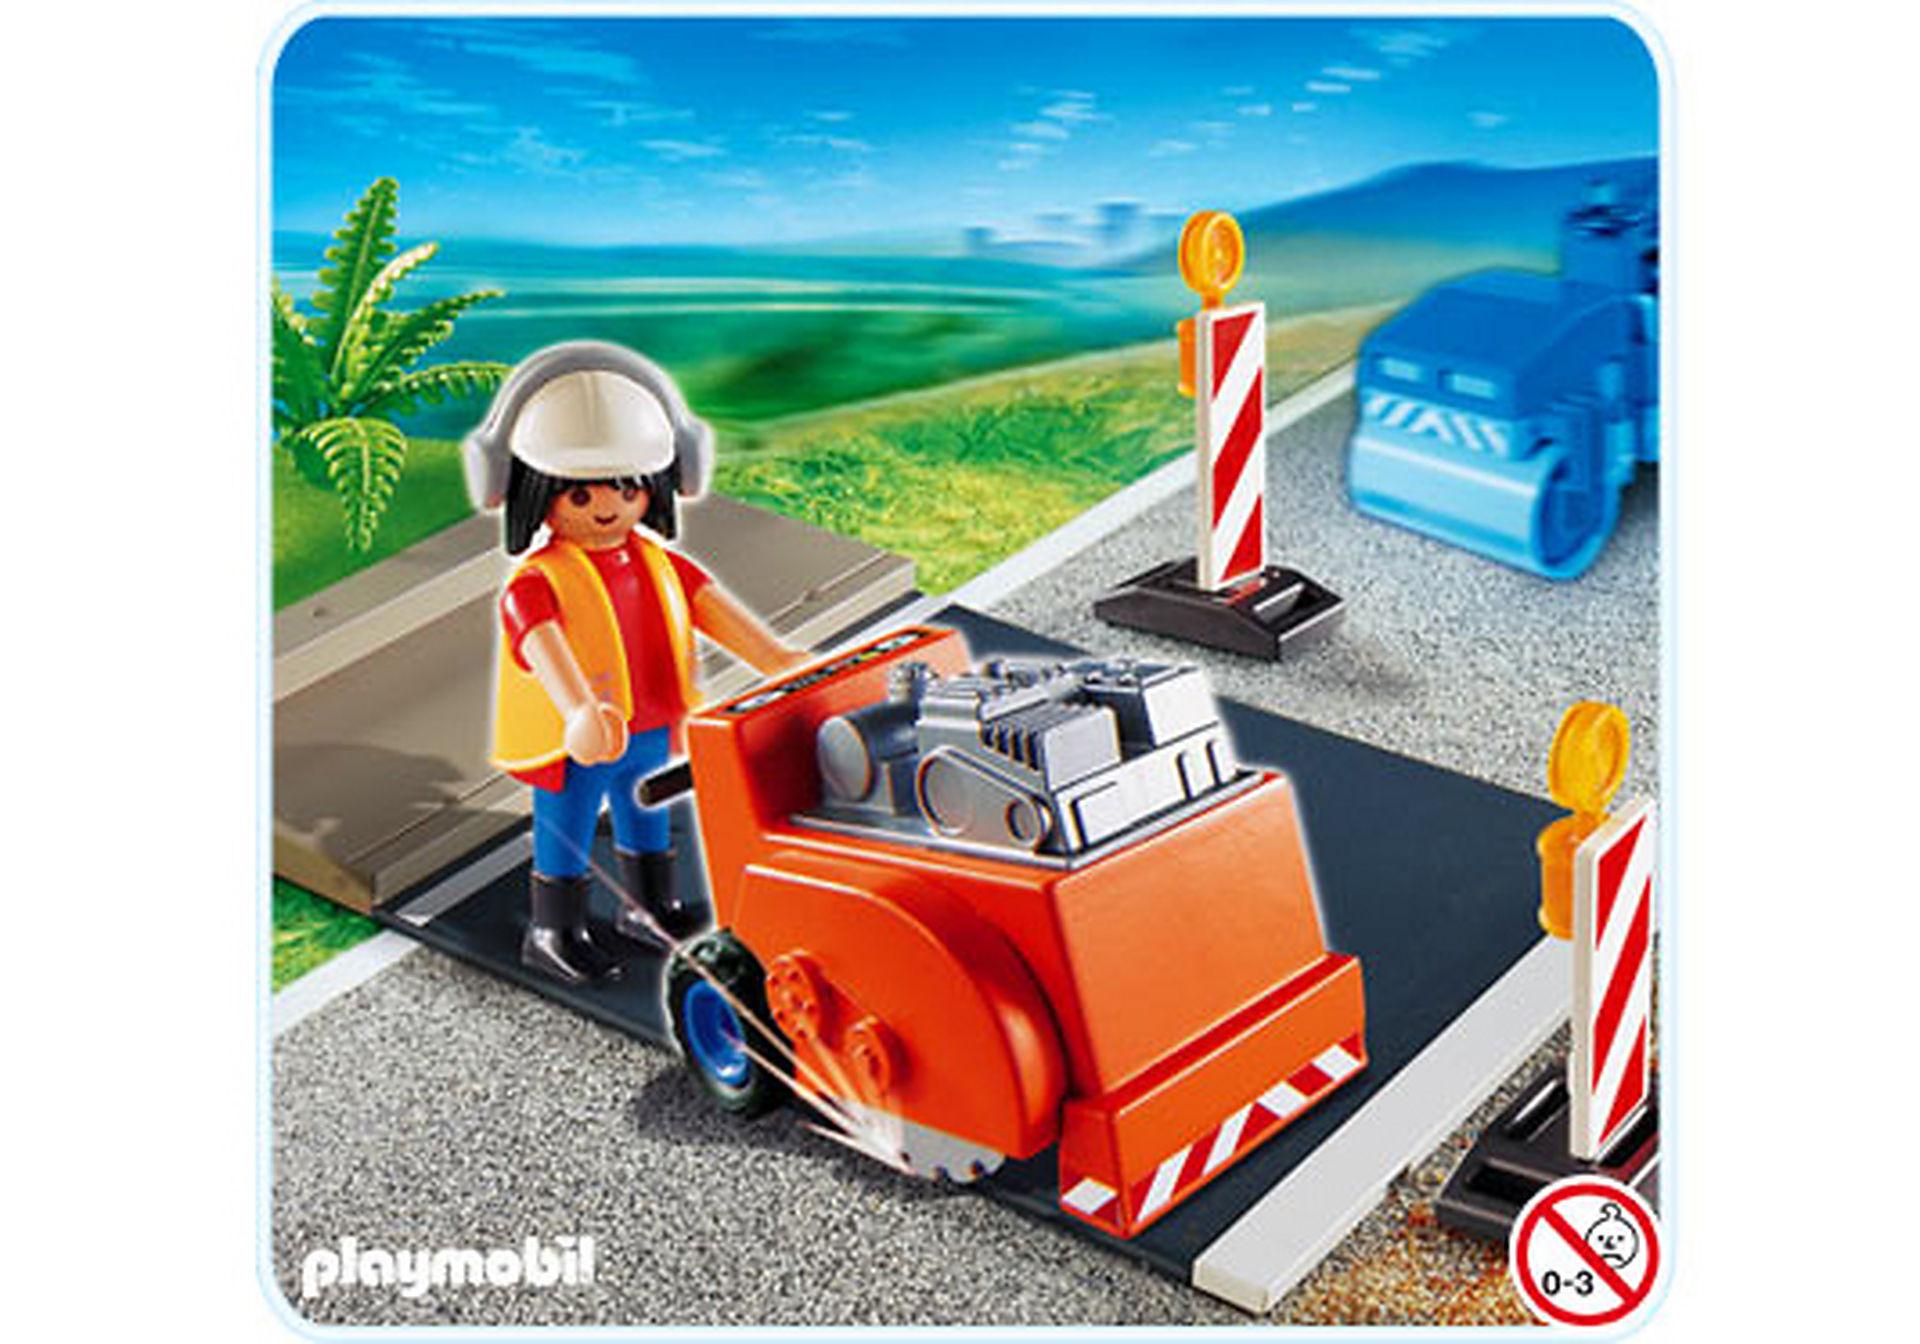 http://media.playmobil.com/i/playmobil/4044-A_product_detail/Fugenschneider